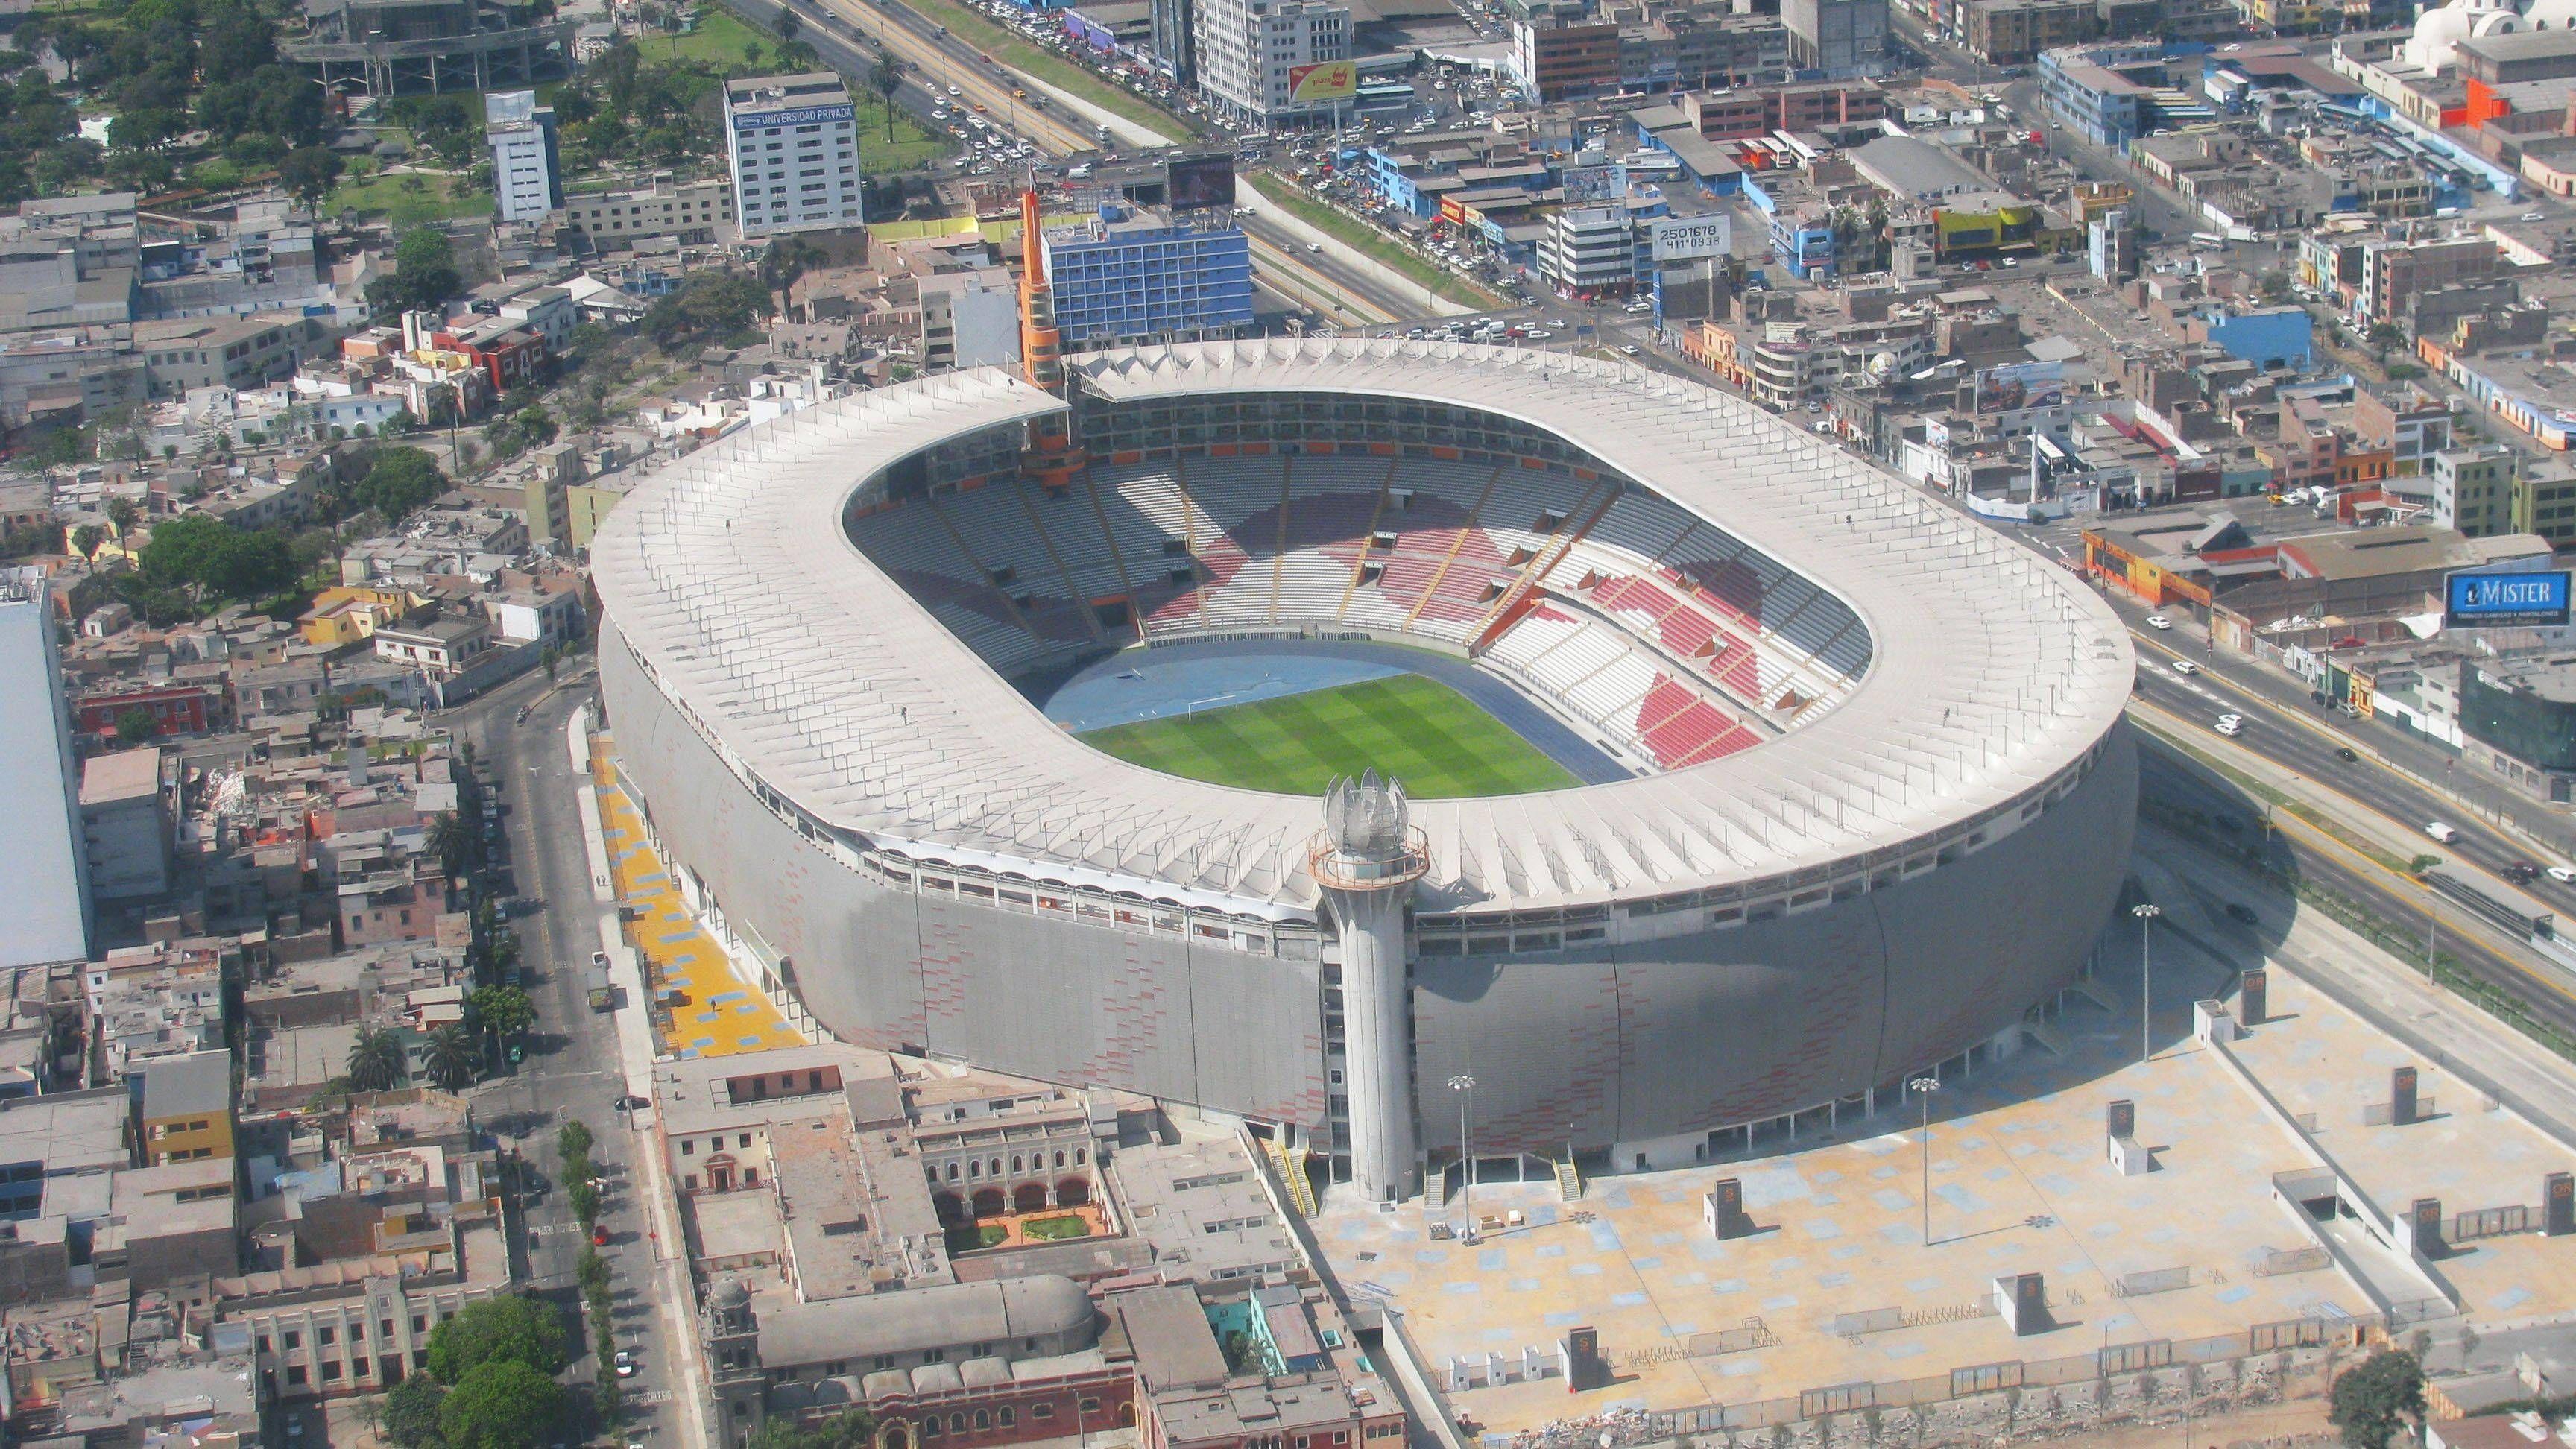 El estadio nacional de per lima es un recinto para 50 for Puerta 9 del estadio nacional de lima